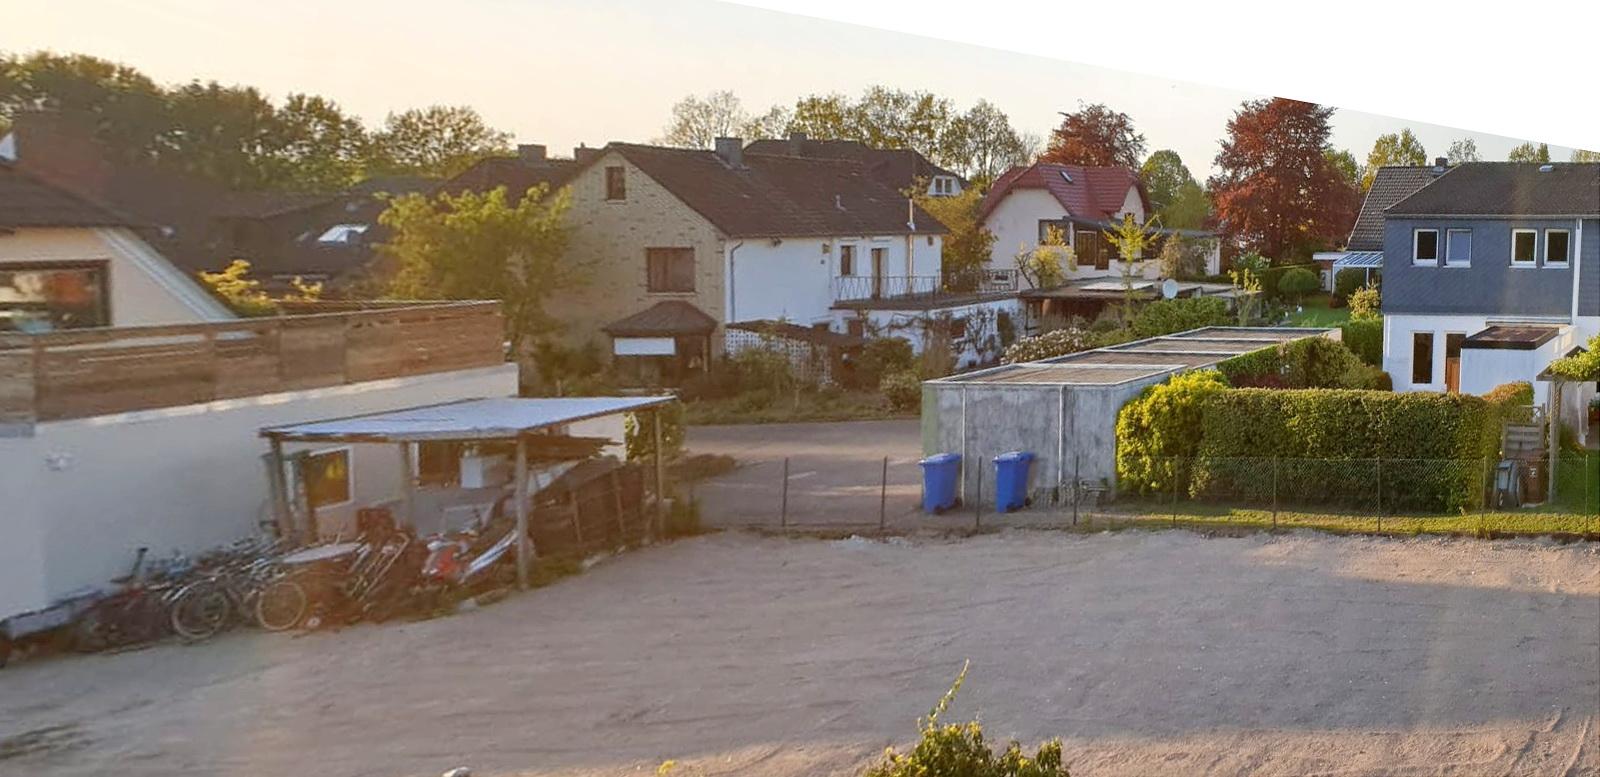 Das Grundstück ist eingeebnet© Foto: Hans-Dieter Heins